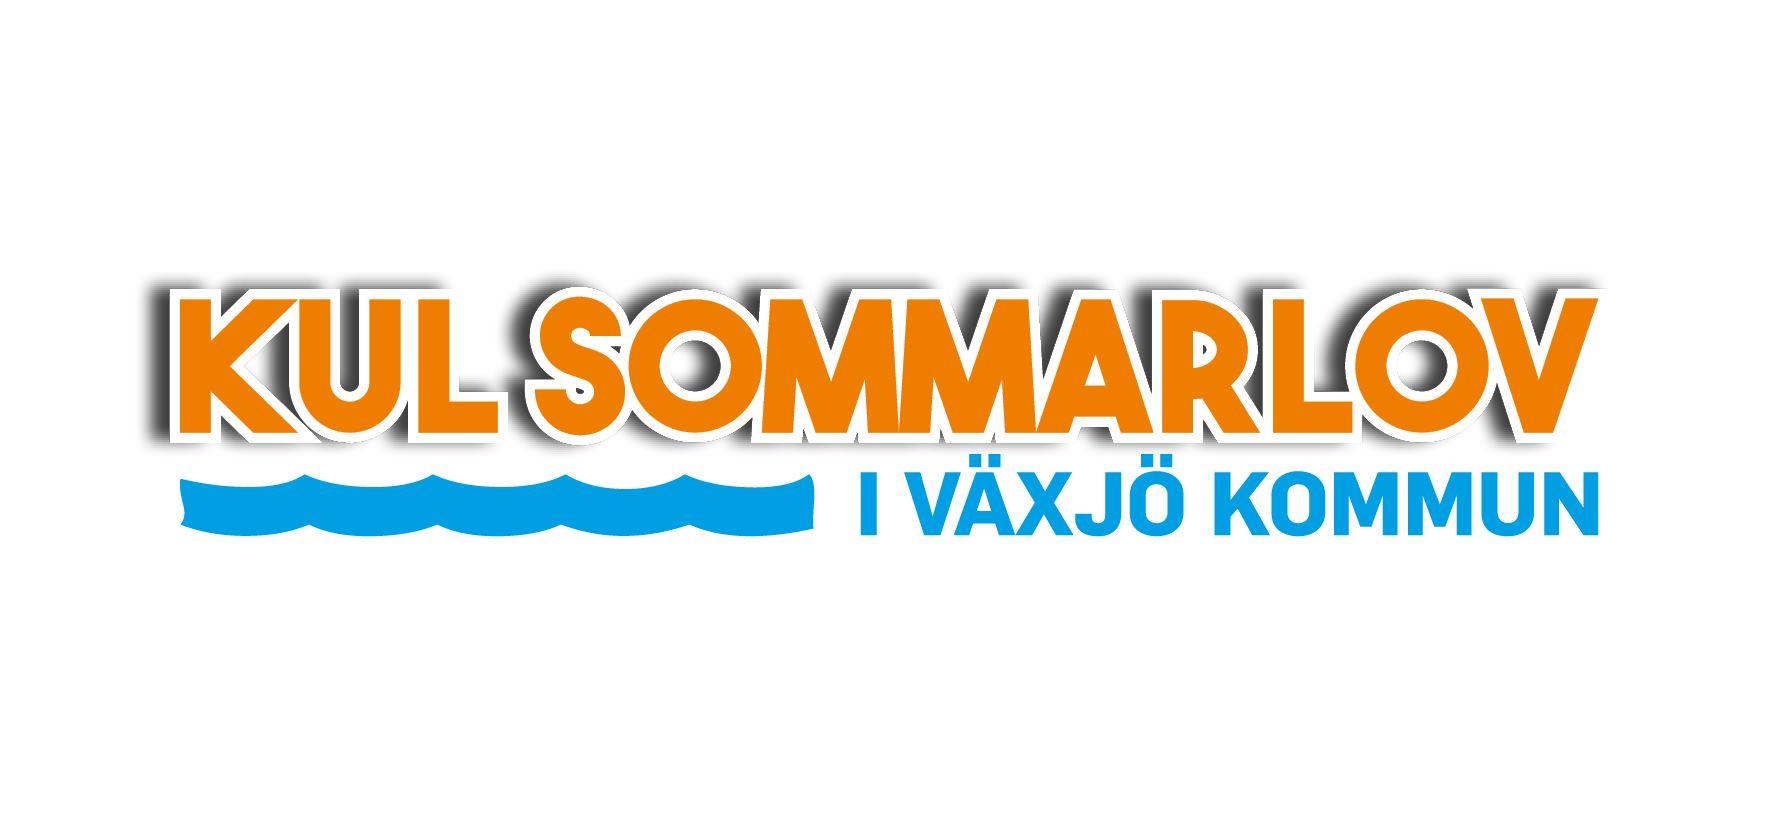 Kul Sommarlov: Sommarbio